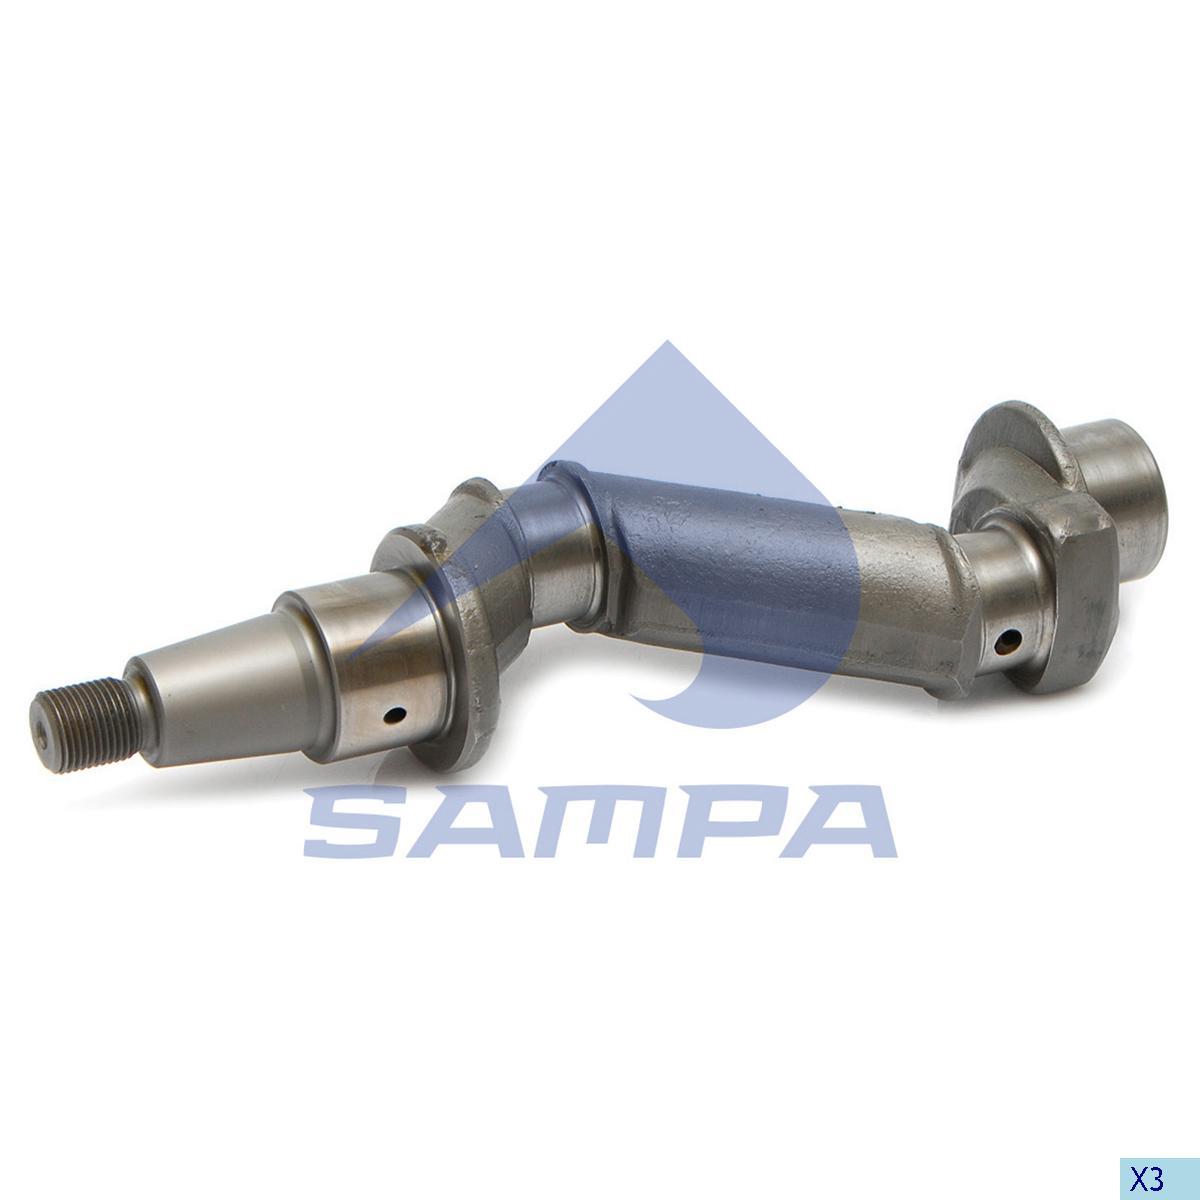 Crank Shaft, Cylinder Block, R.V.I., Compressed Air System